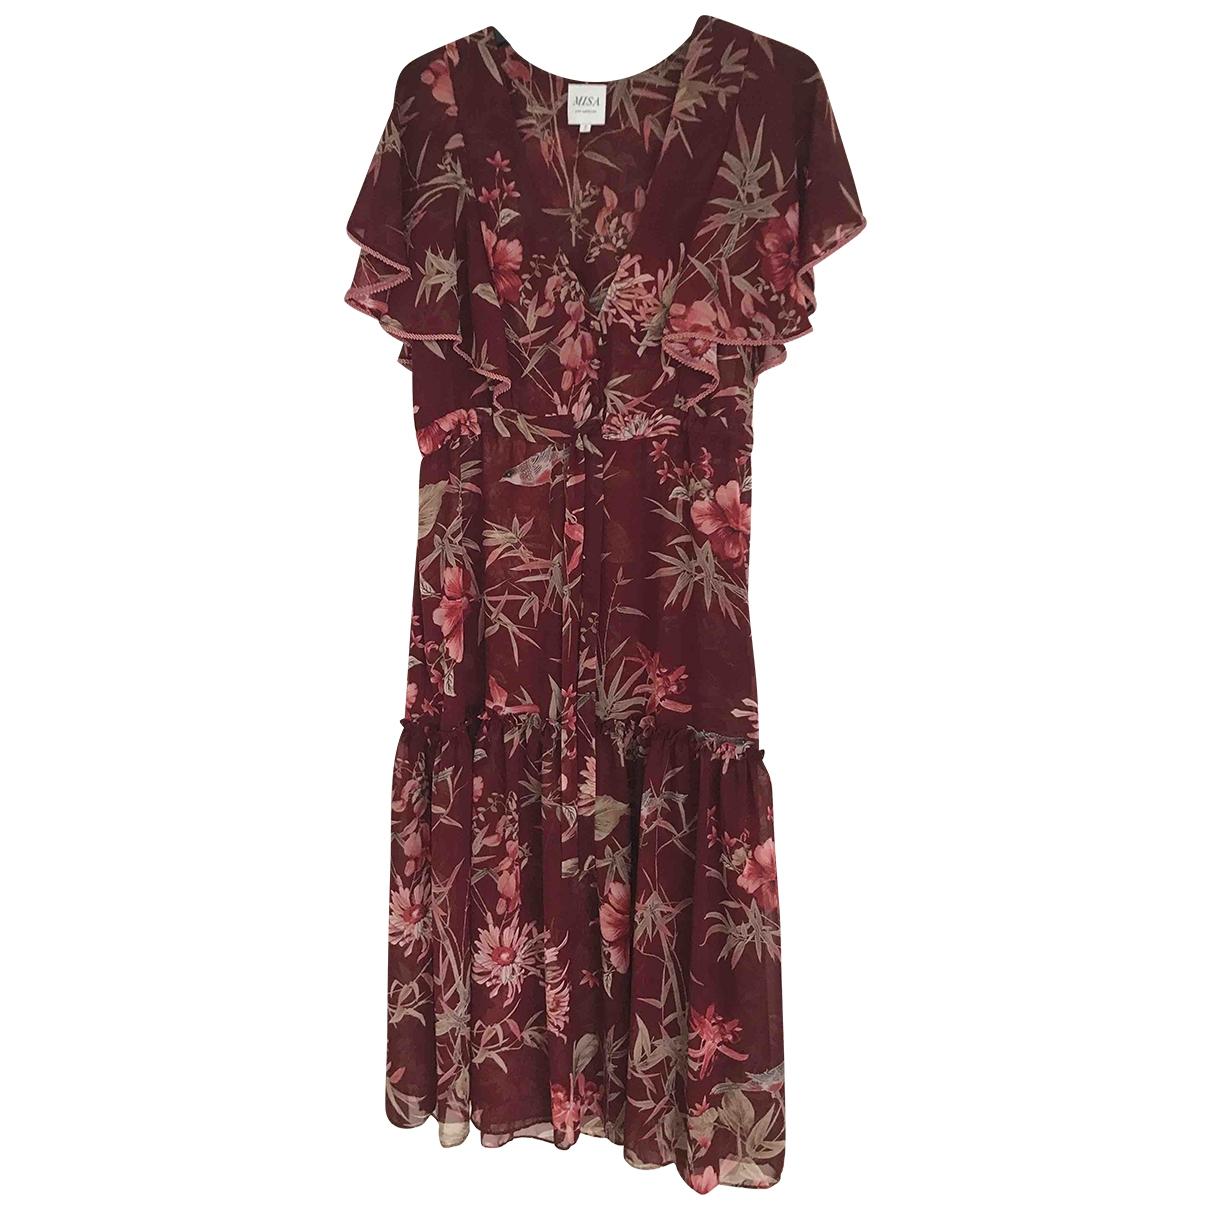 Misa \N Burgundy dress for Women S International